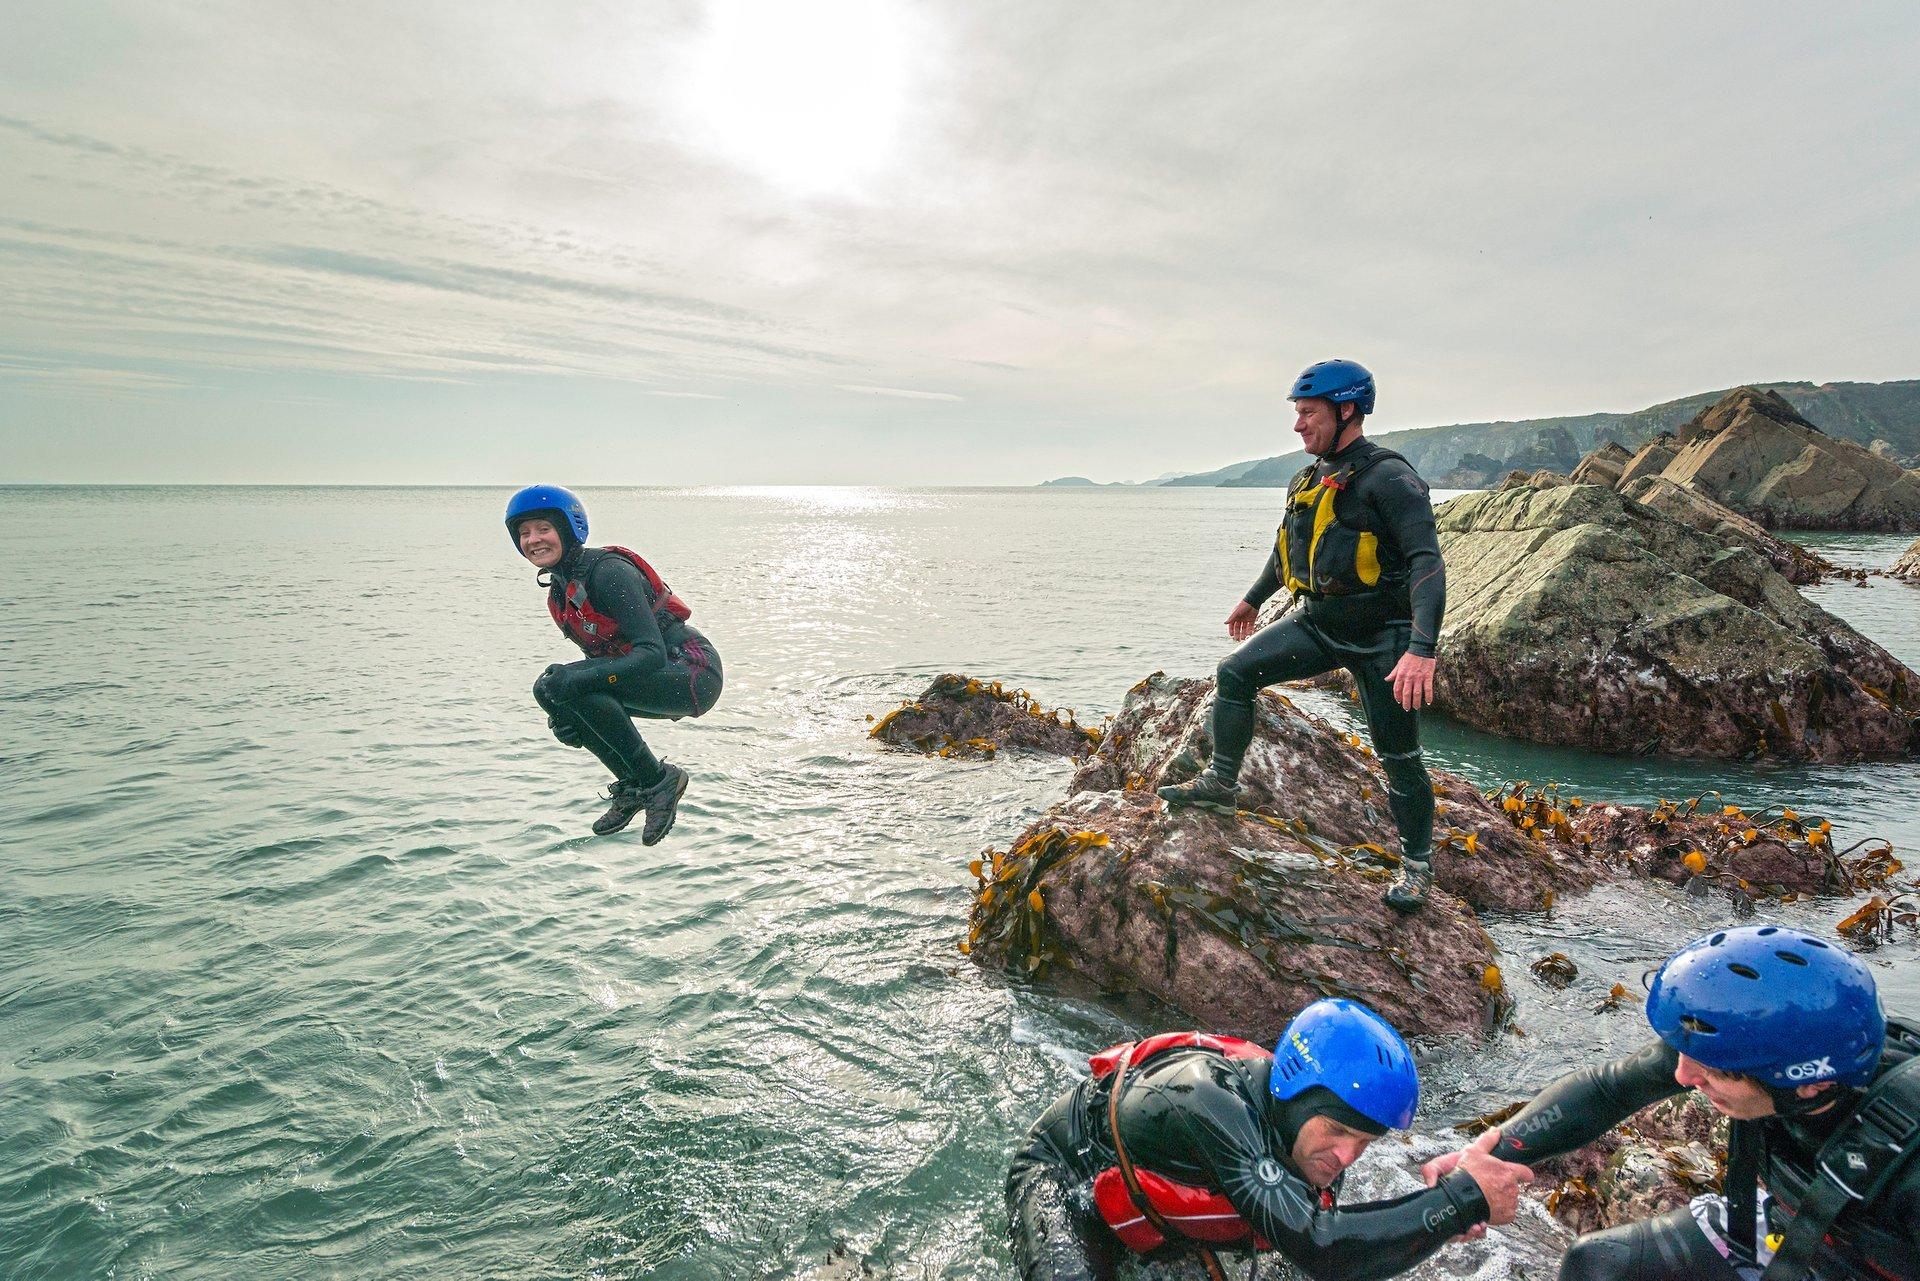 Coasteering in Wales 2019 - Best Time